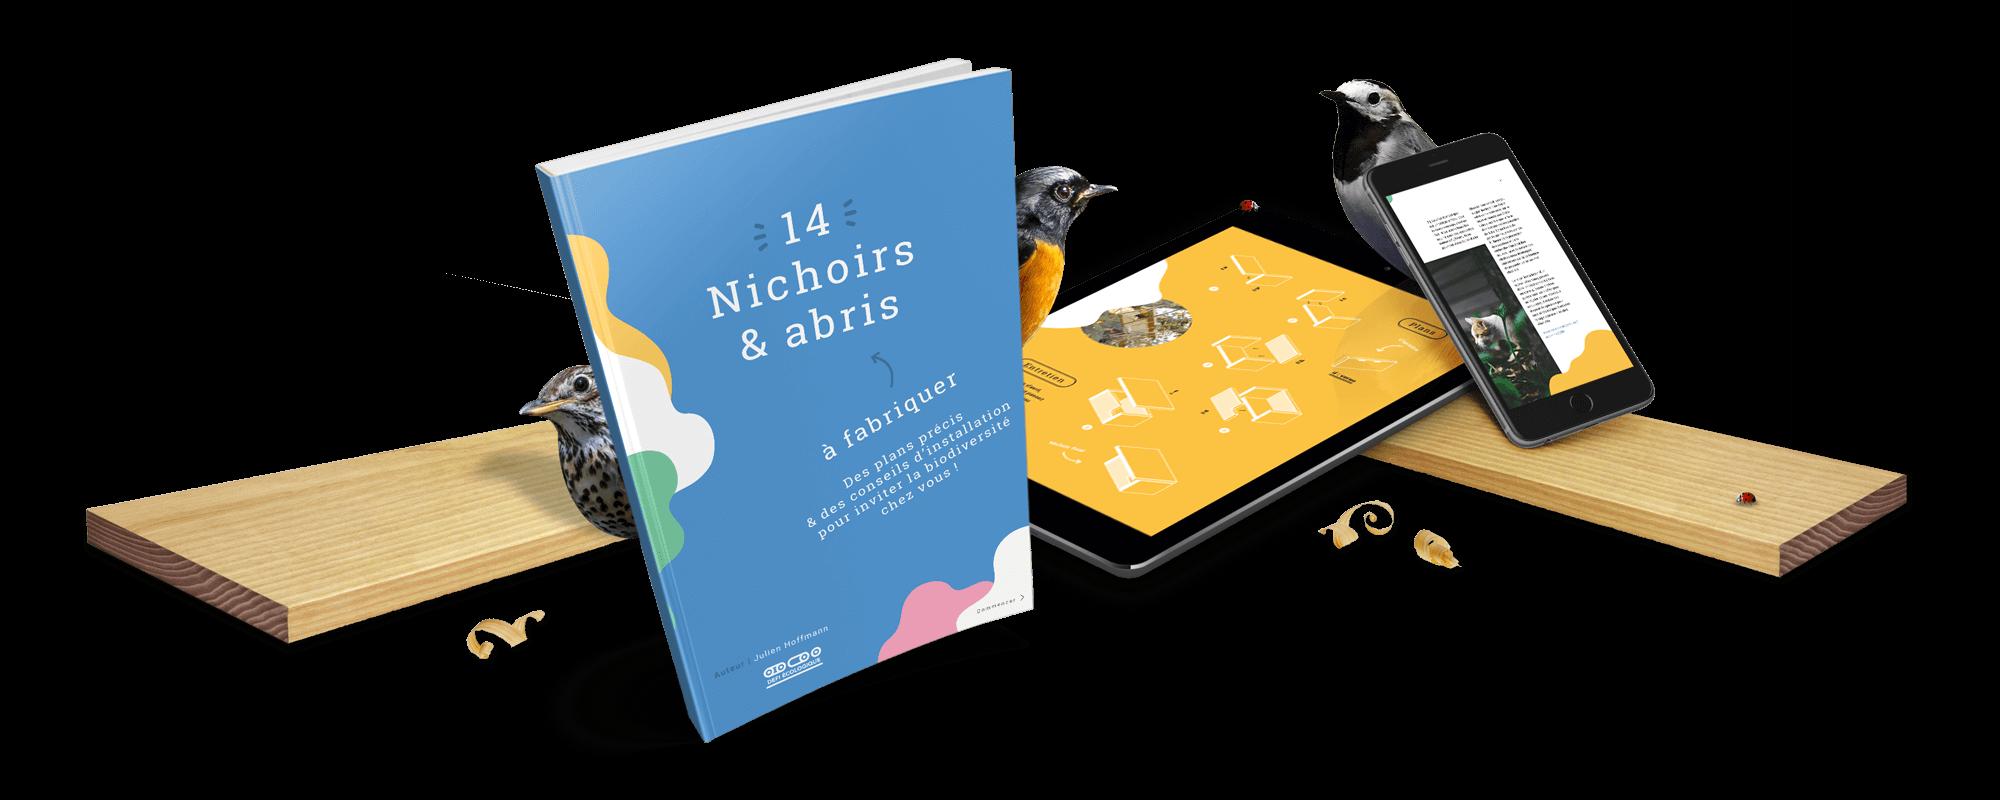 Couverture E-book - 14 nichoirs et abris à fabriquer